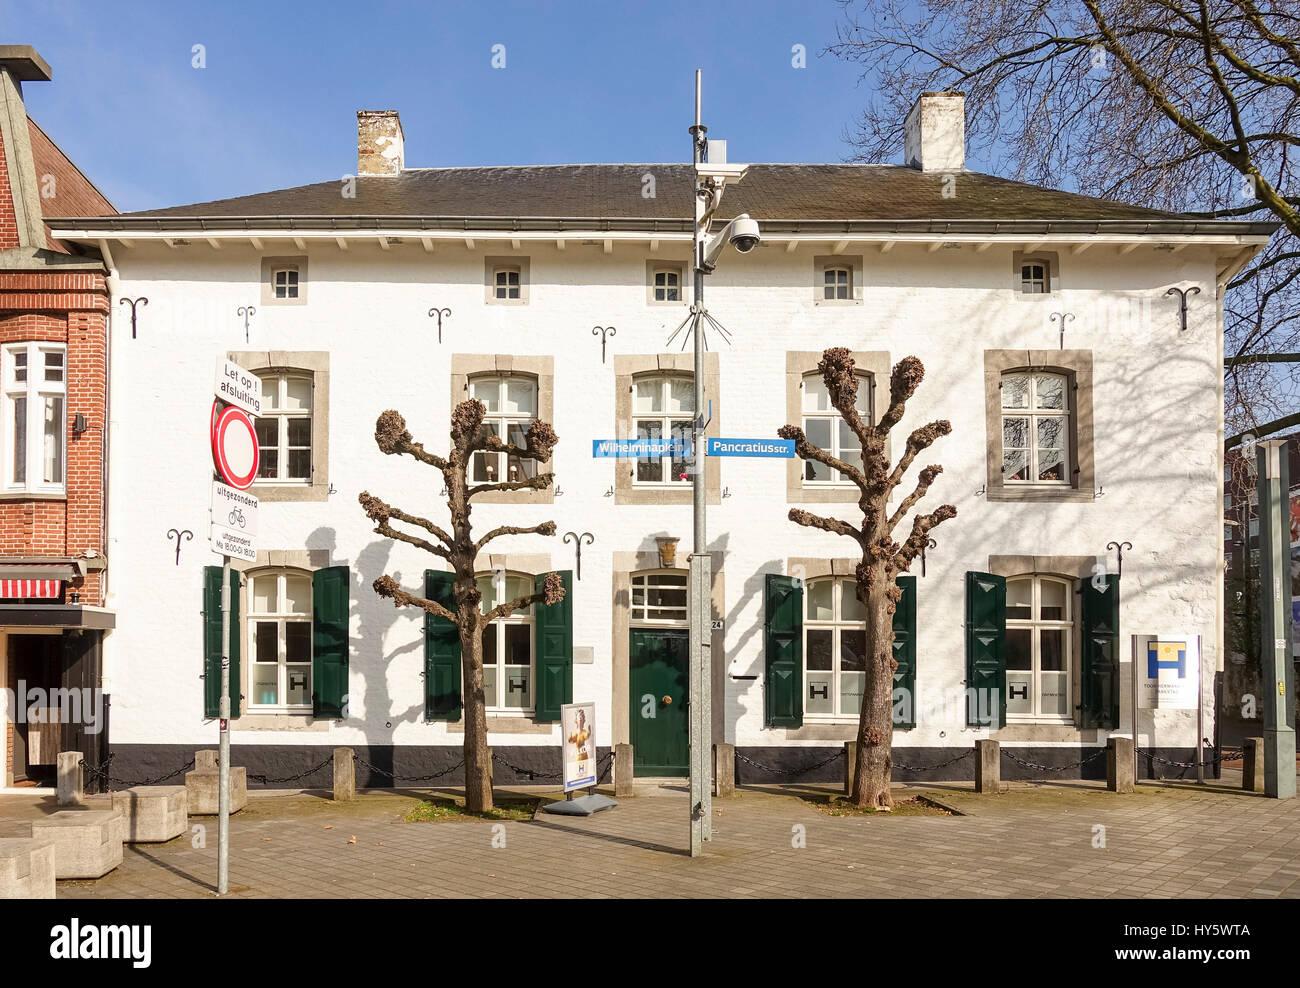 Alte niederländische Haus, 17. Jahrhundert, Toon Hermans Huis Parkstad Organisation, Heerlen, Limburg, Niederlande Stockbild